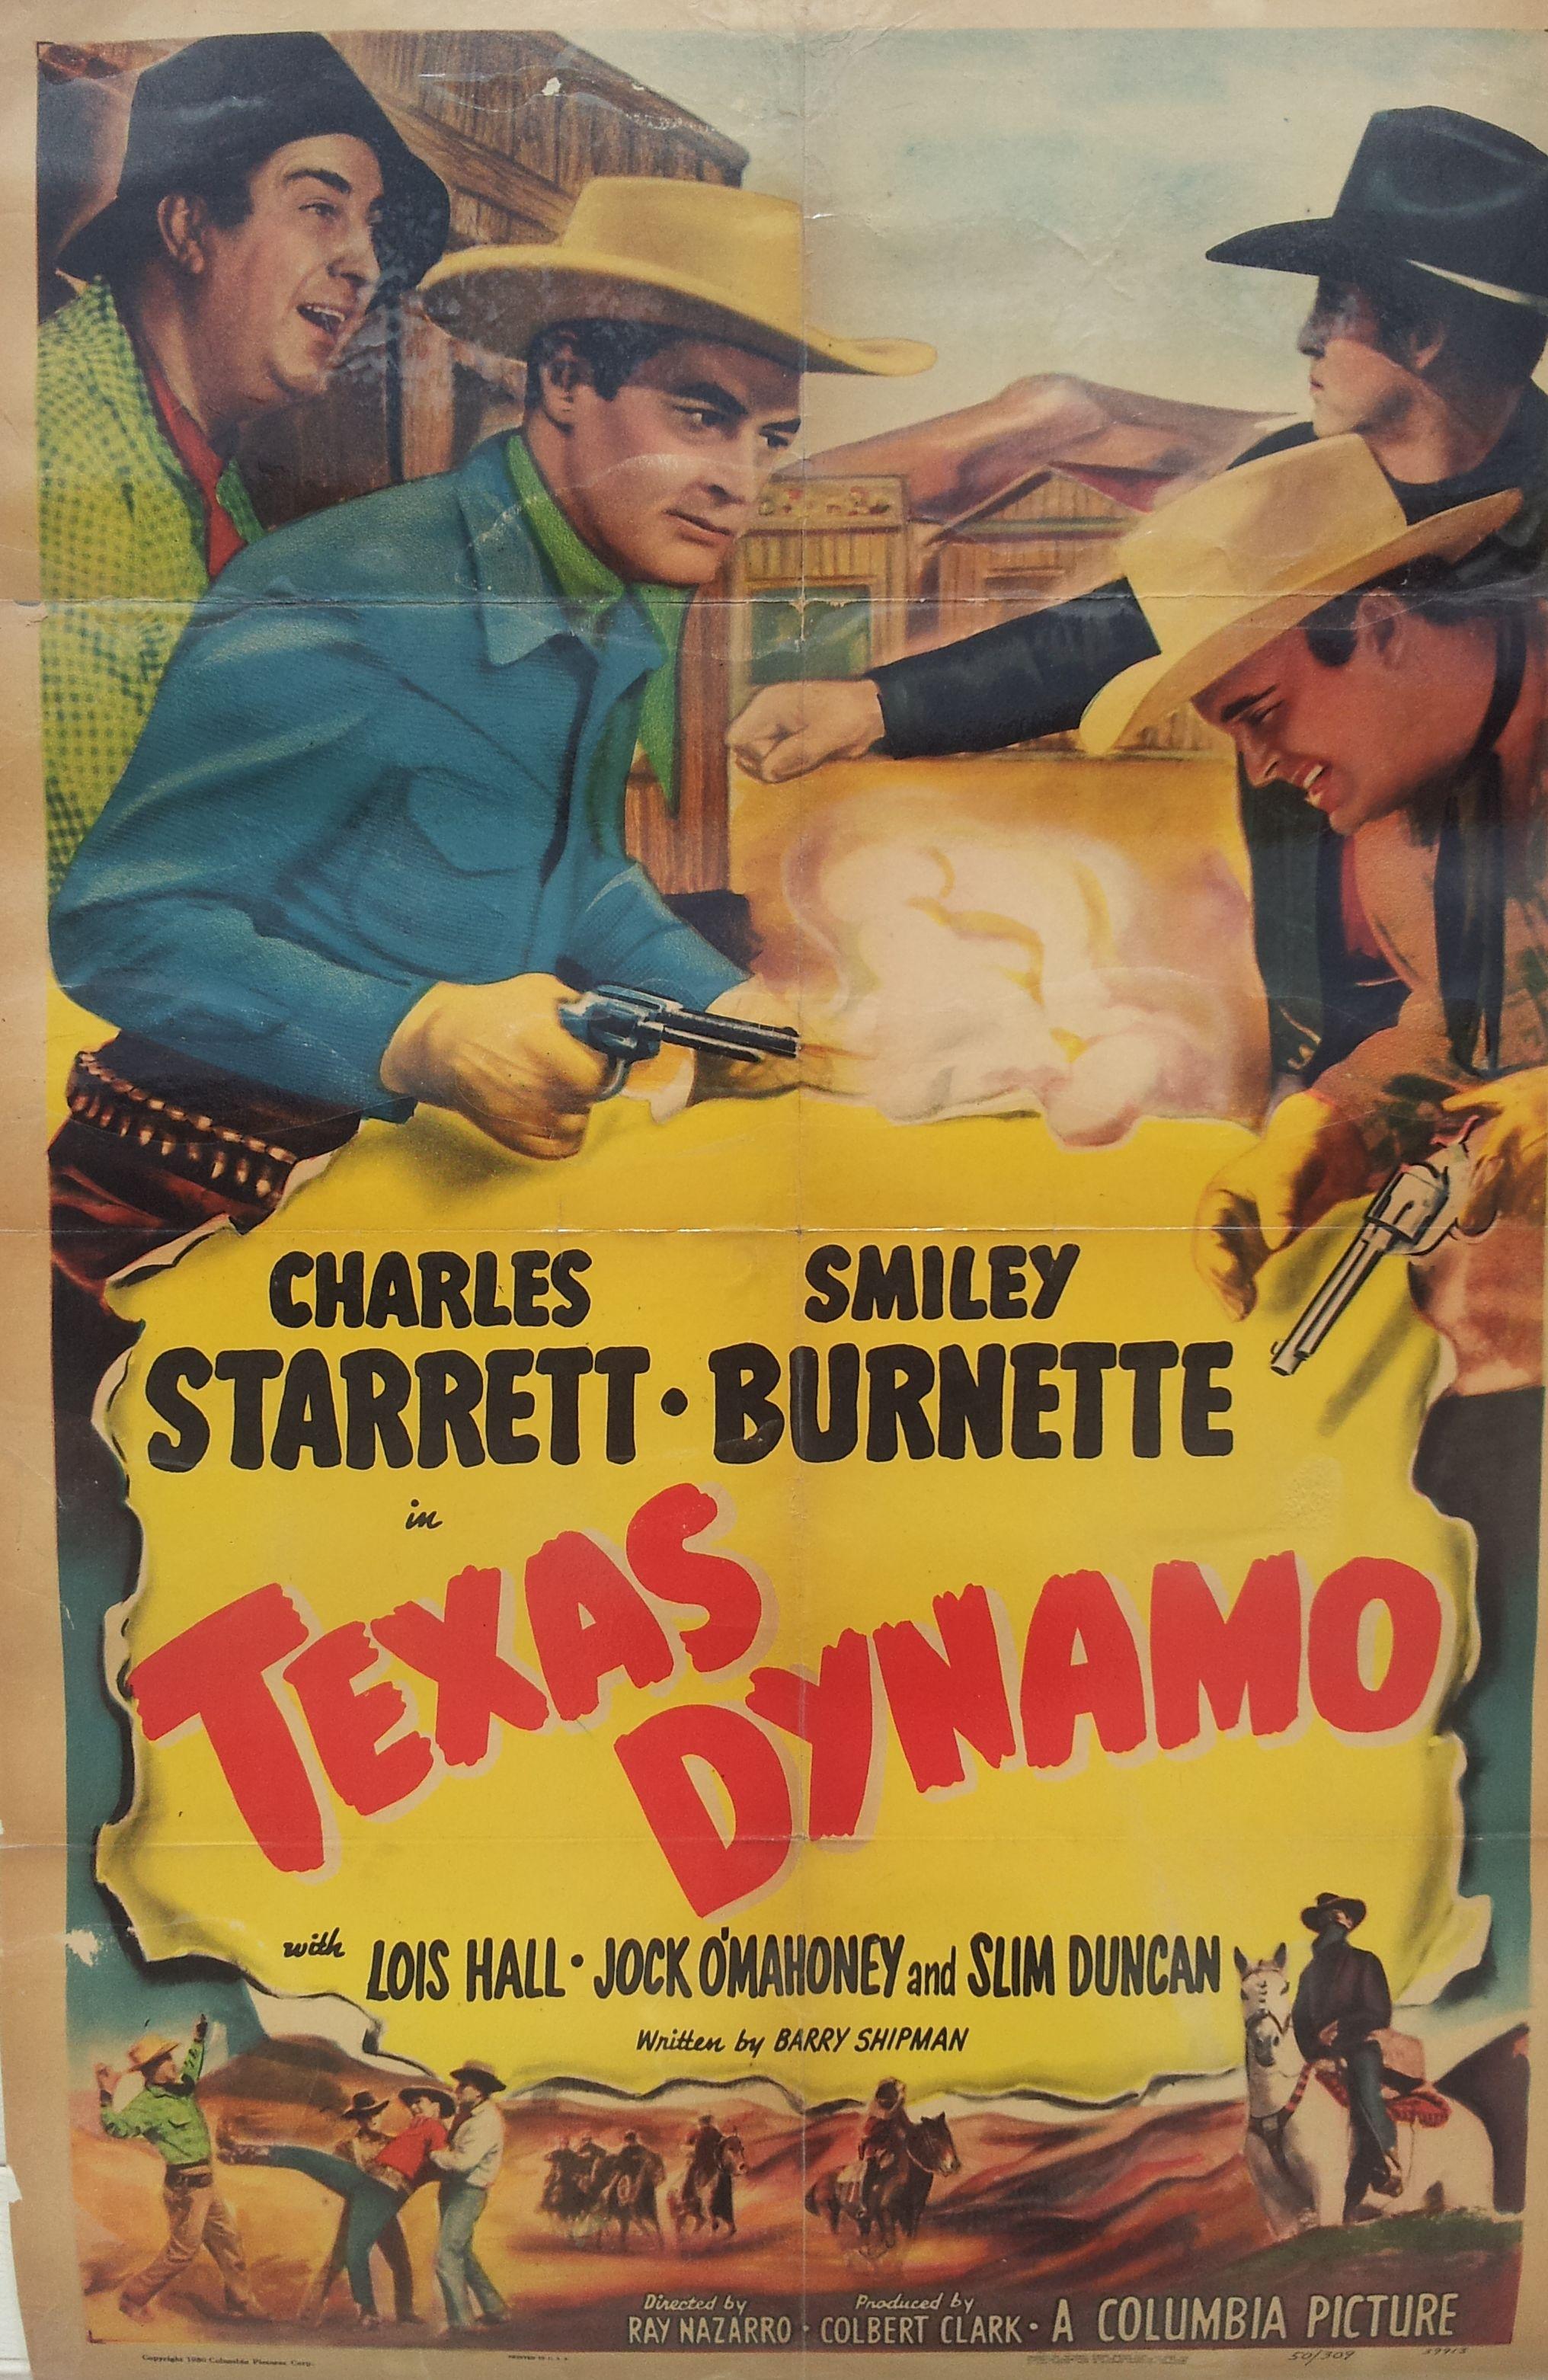 Smiley Burnette, Slim Duncan, Jock Mahoney, and Charles Starrett in Texas Dynamo (1950)